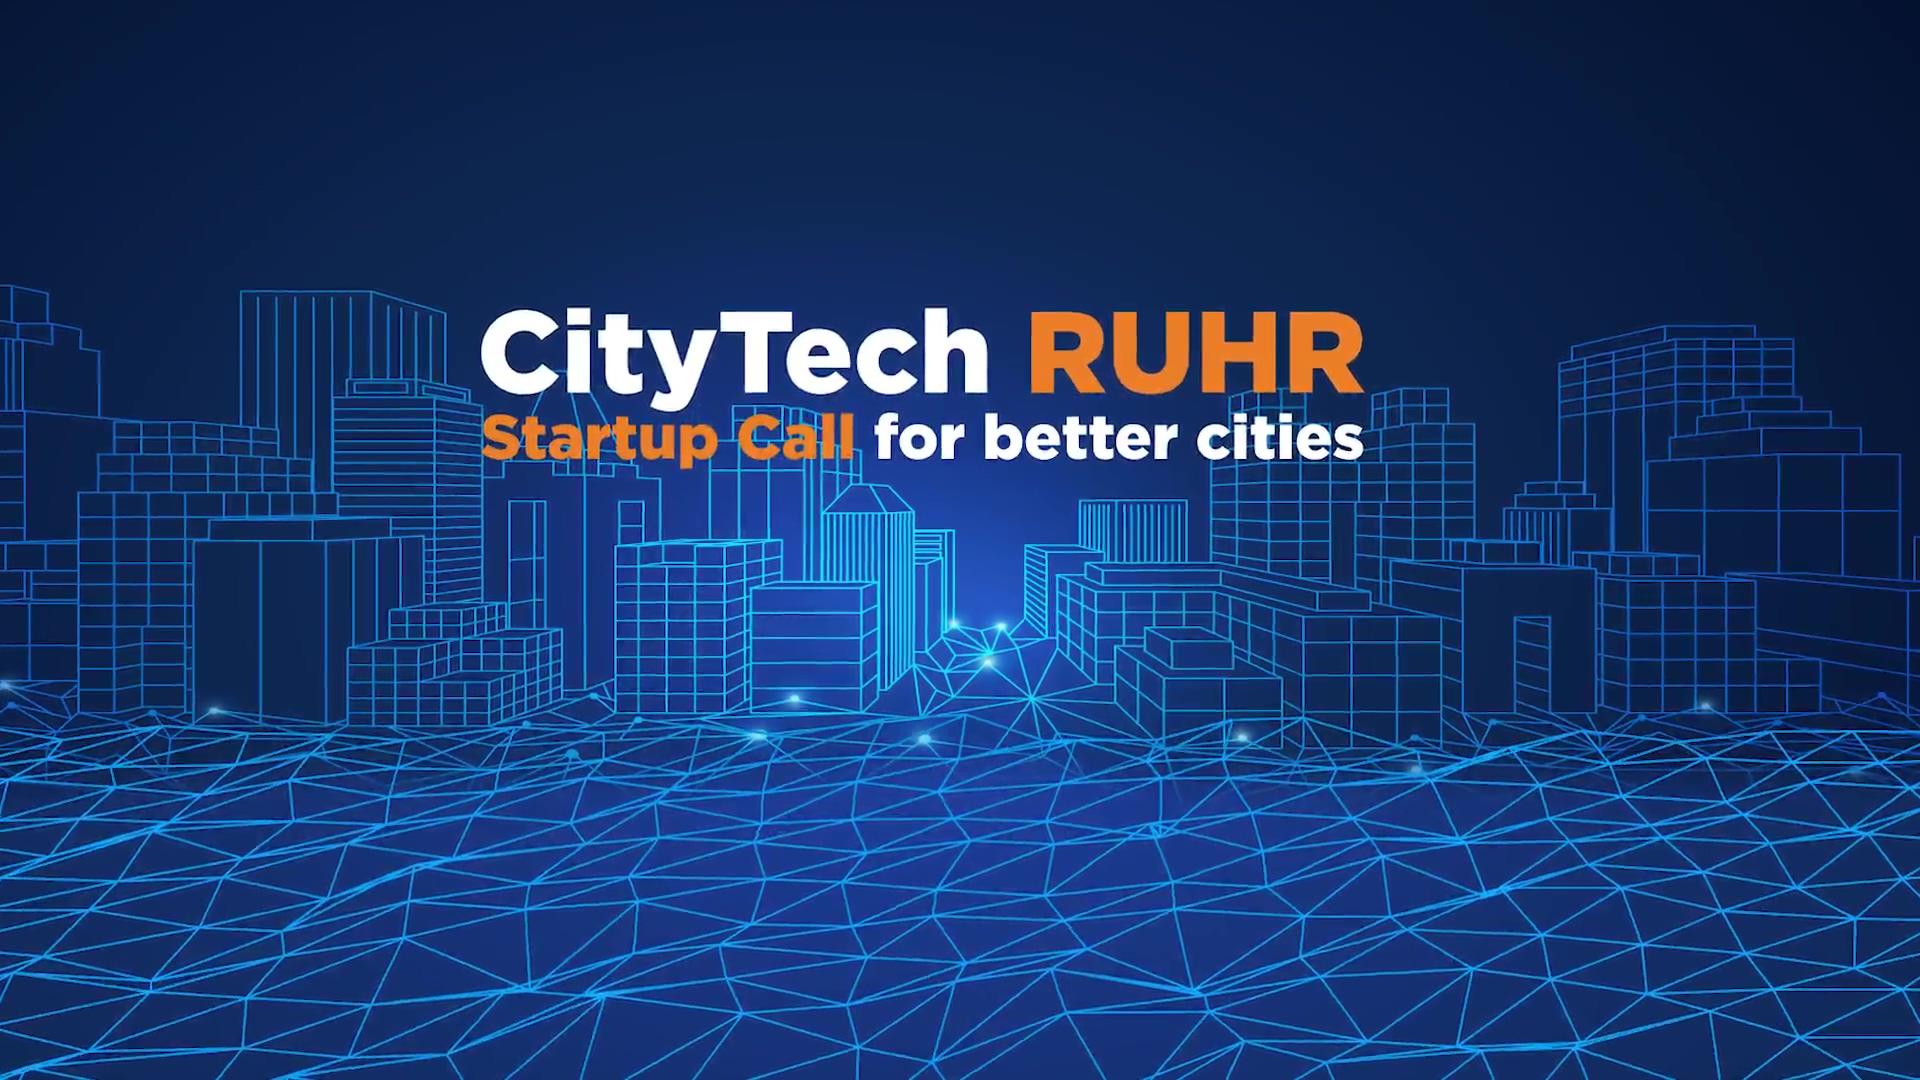 citytechruhr-trailer_x264